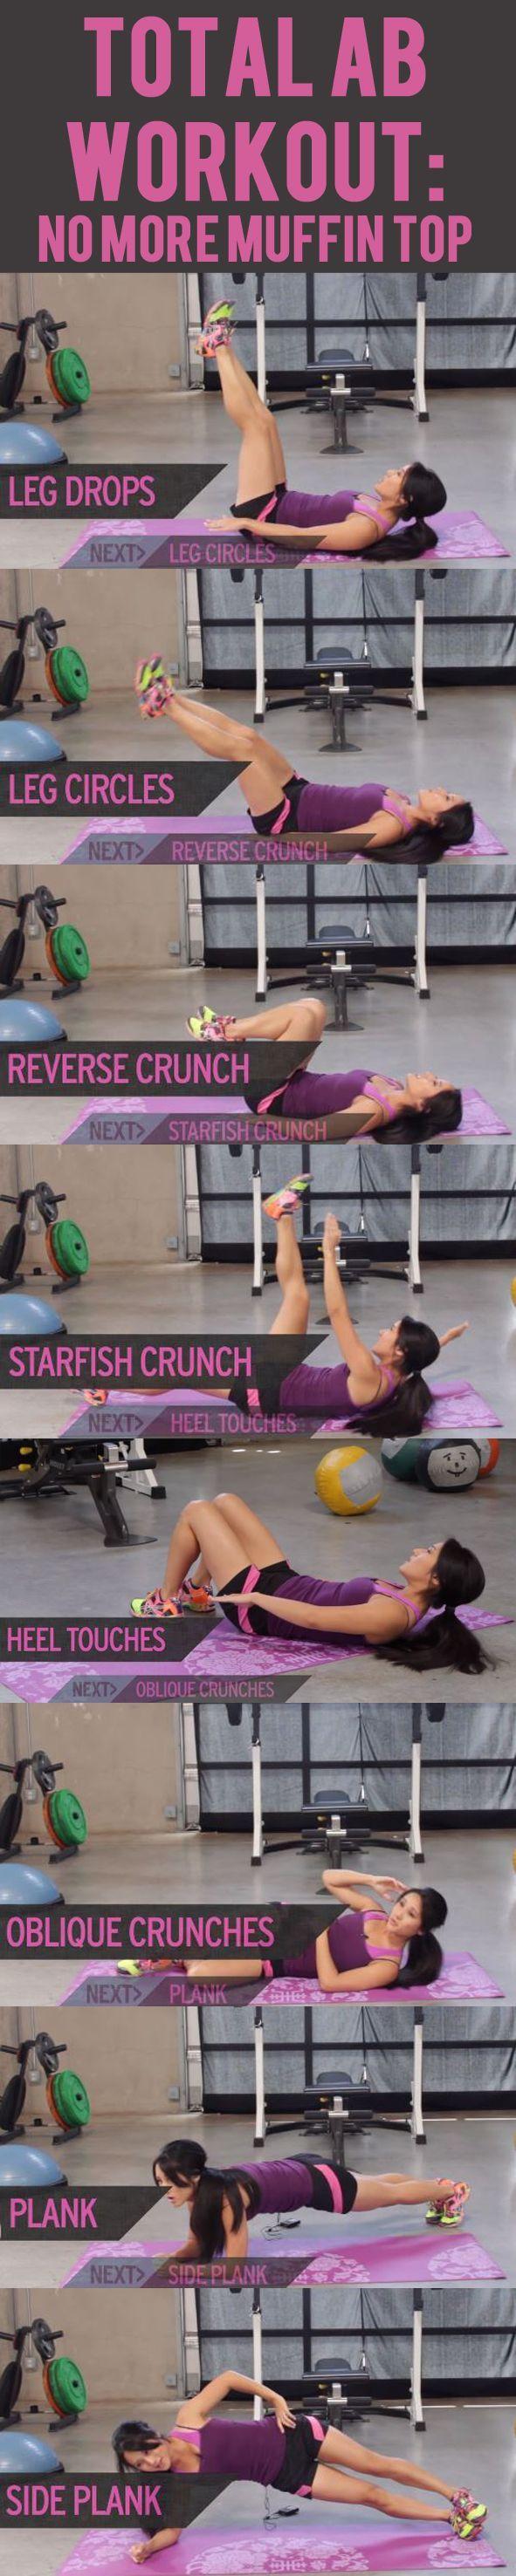 Los mejores ejercicios abdominales para tonificar y slimming- y para deshacerse de ese muffin top!